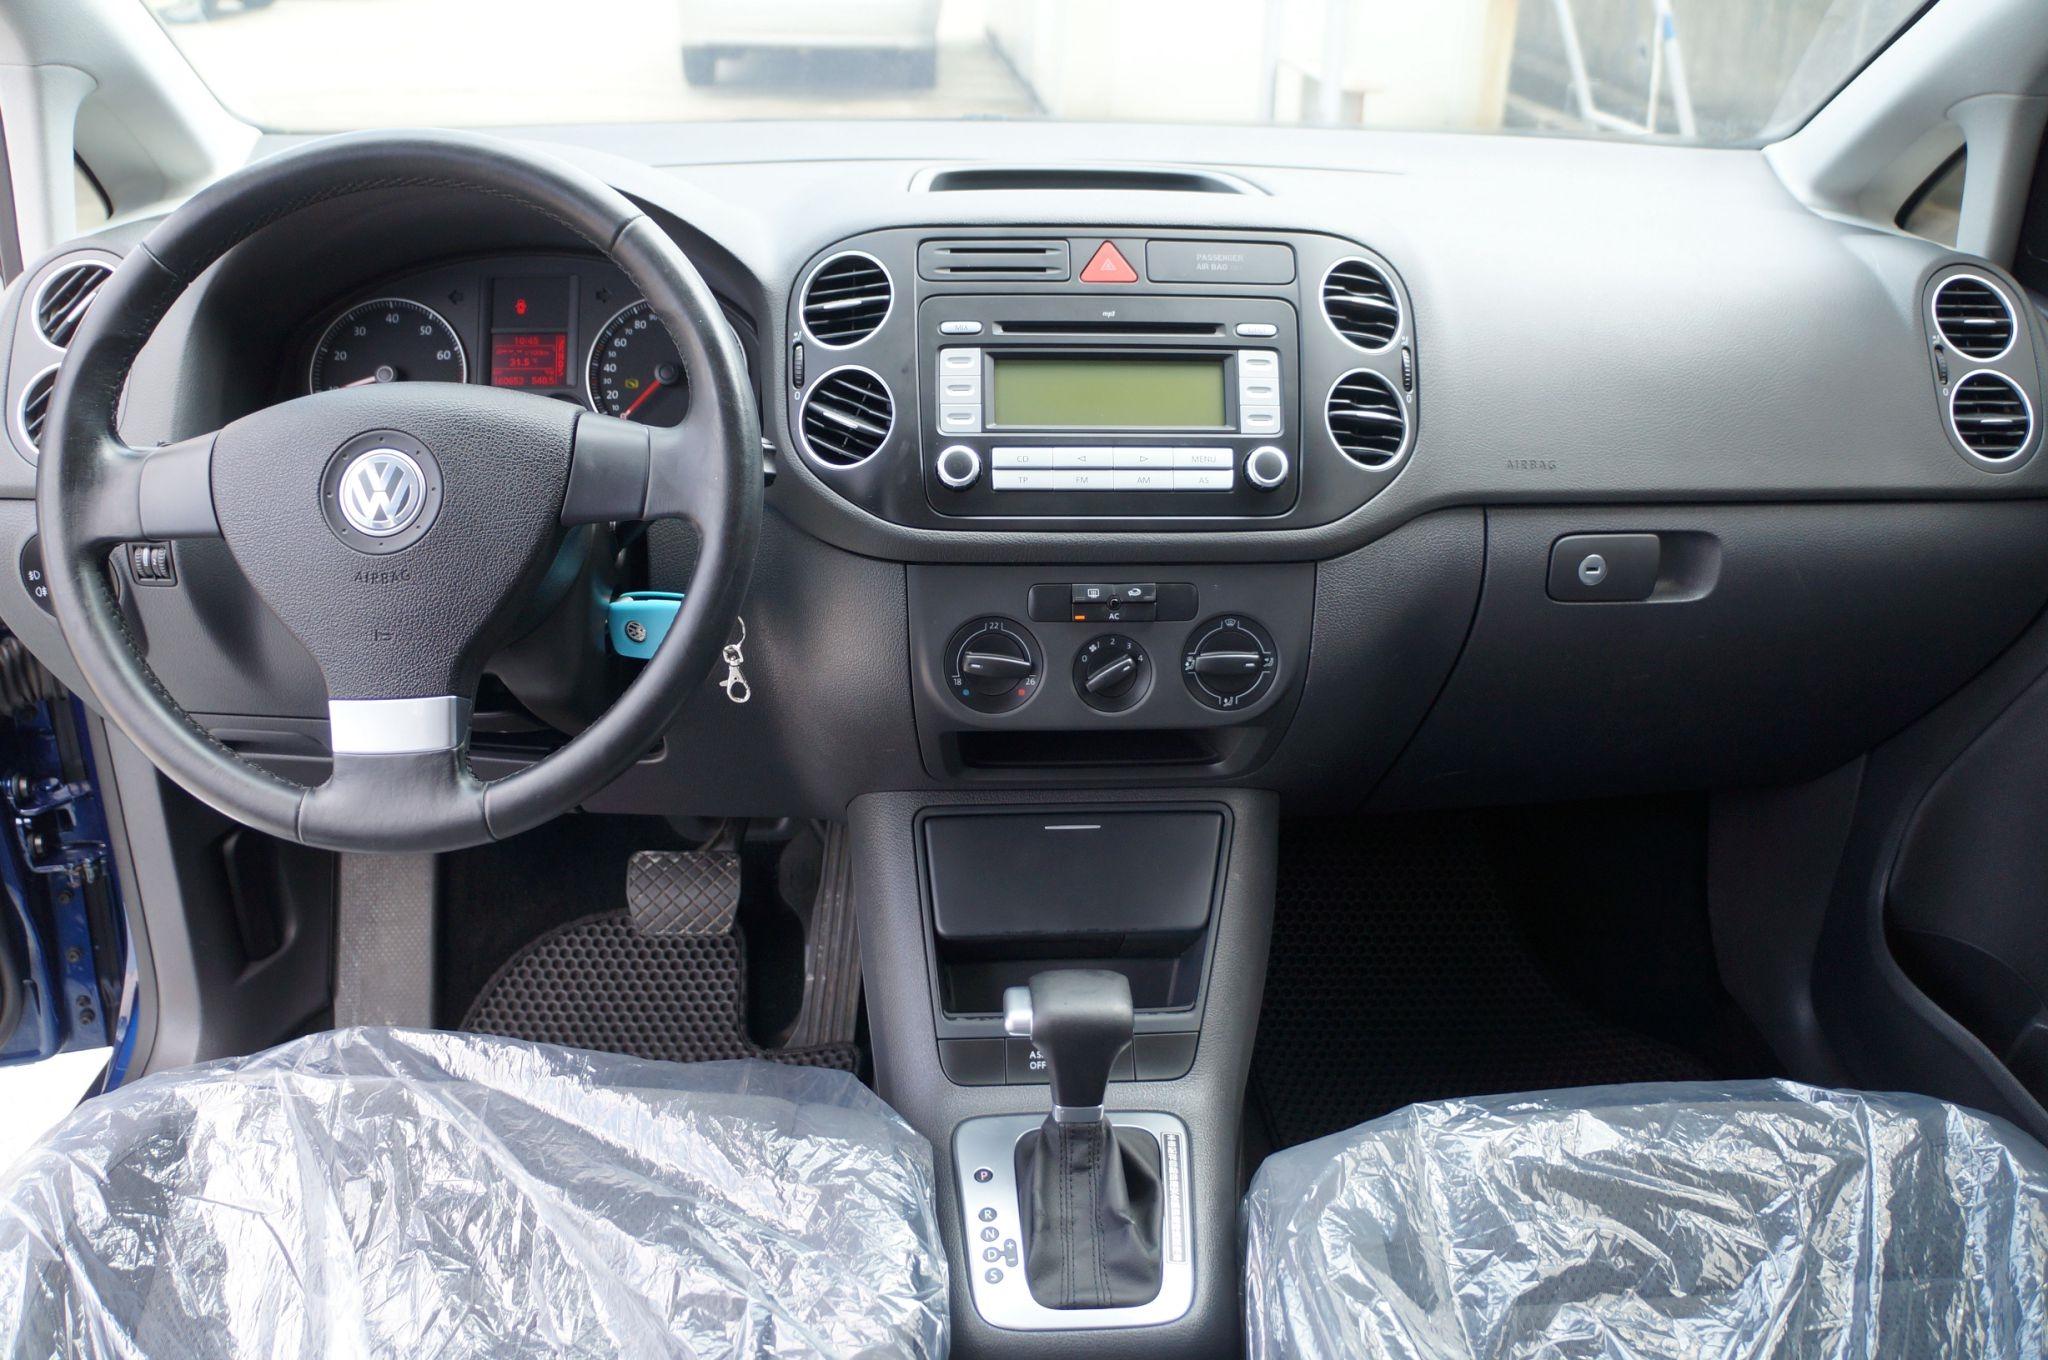 2007 Volkswagen Golf plus